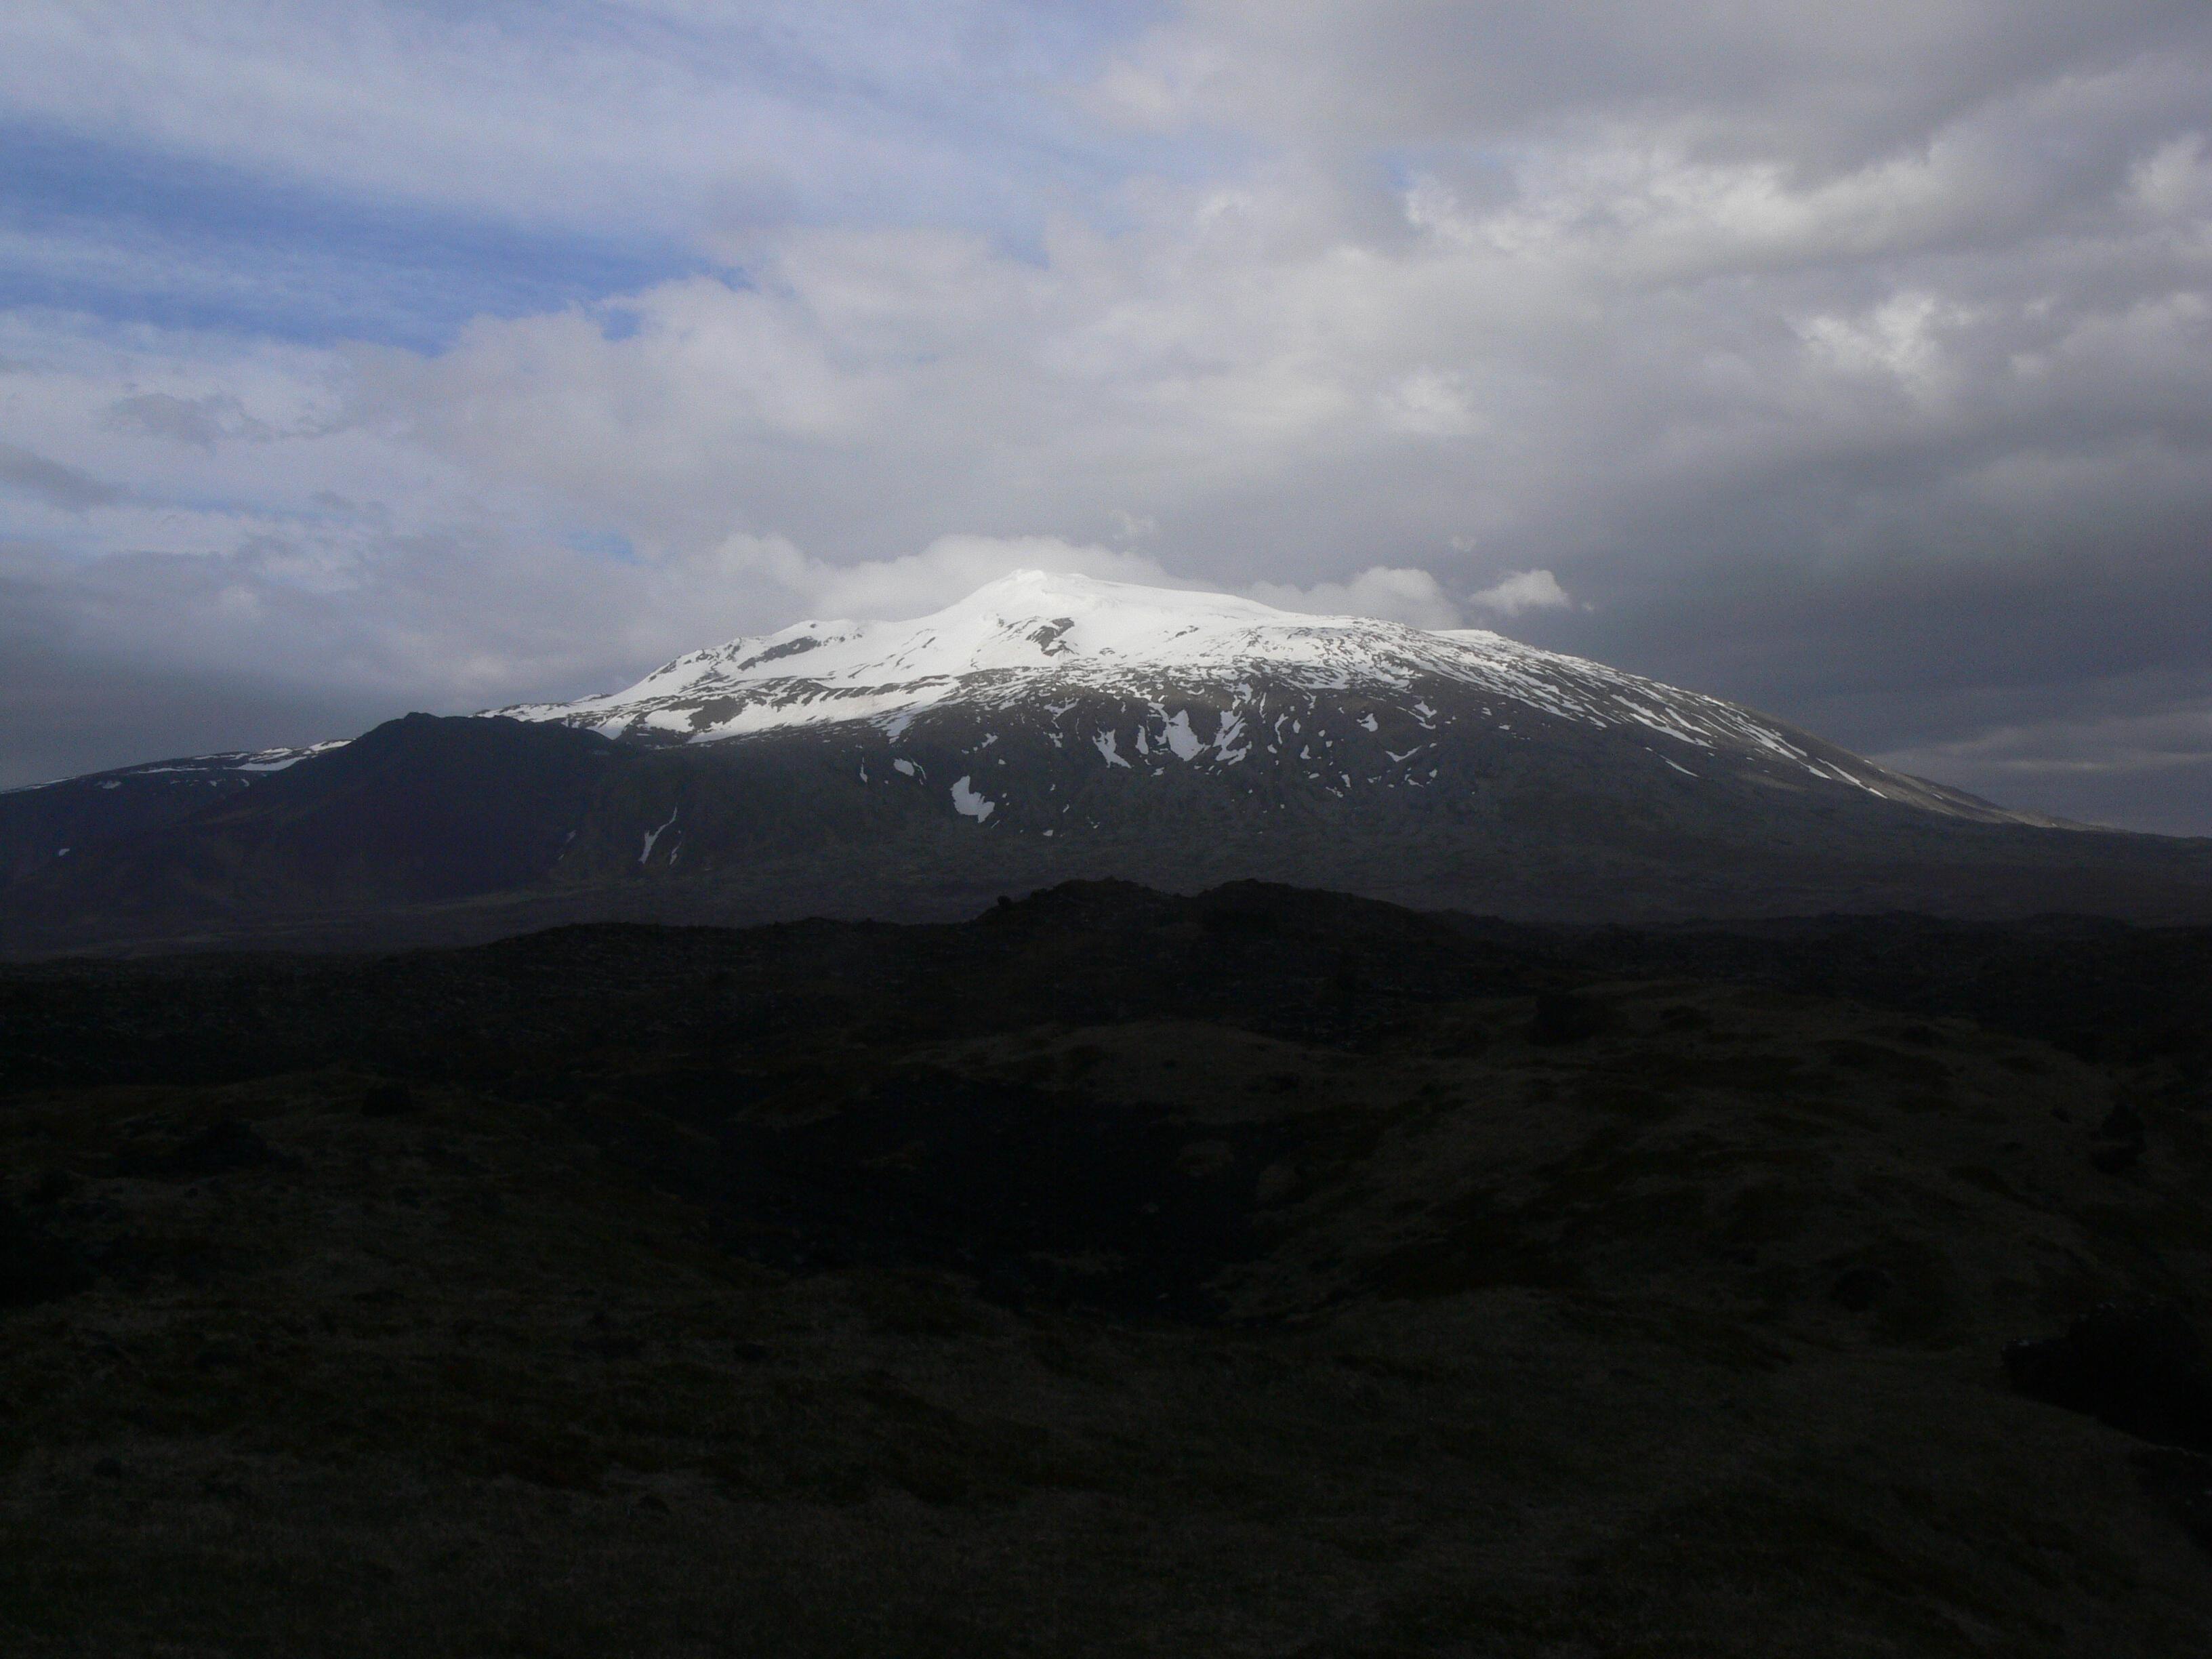 Mountain Snæfellsjökull